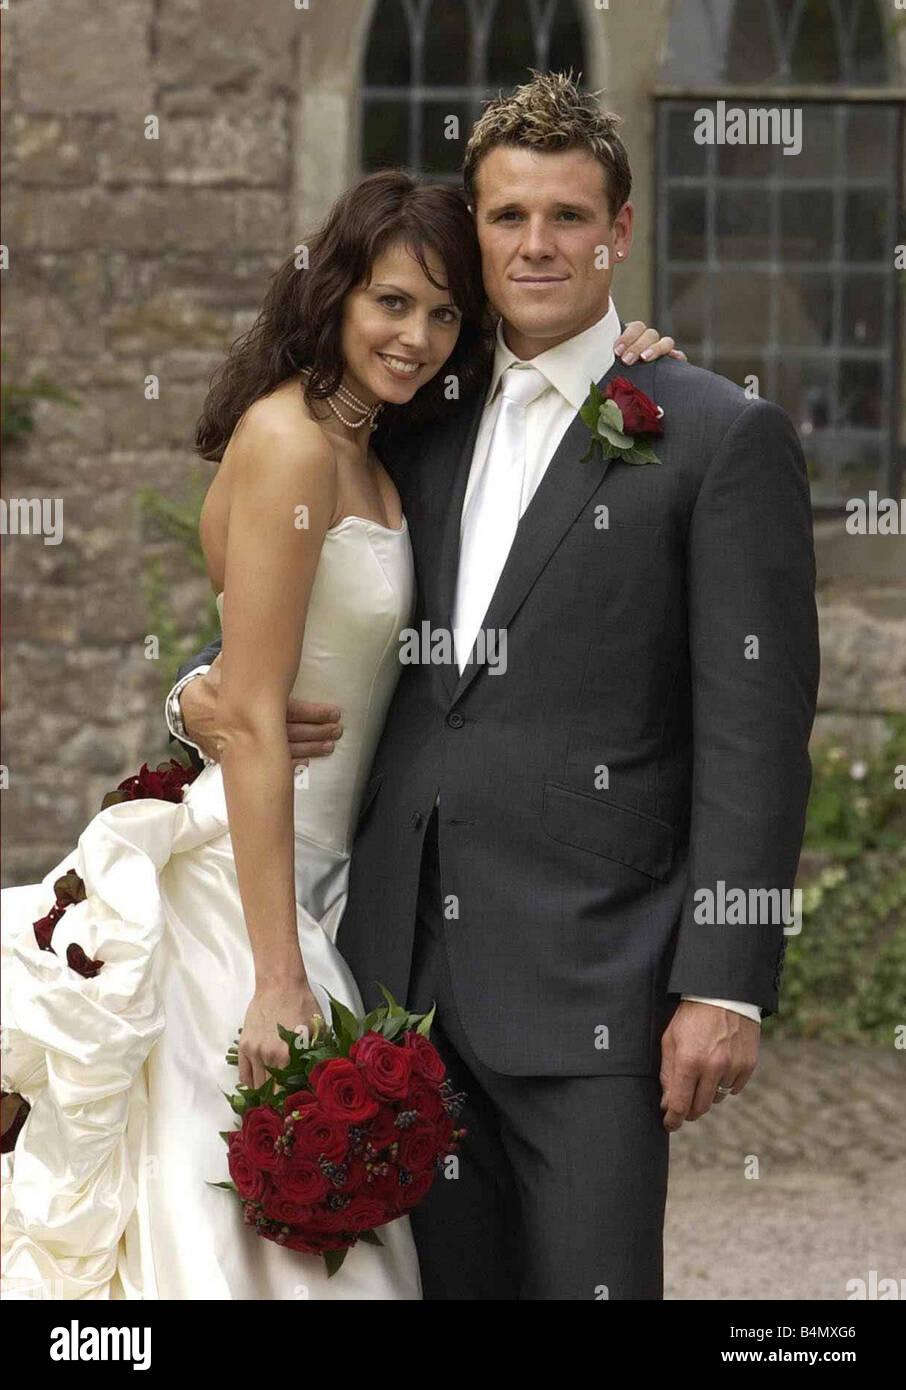 James Cracknell und Beverley Turner Hochzeitstag Oktober 2002 ...